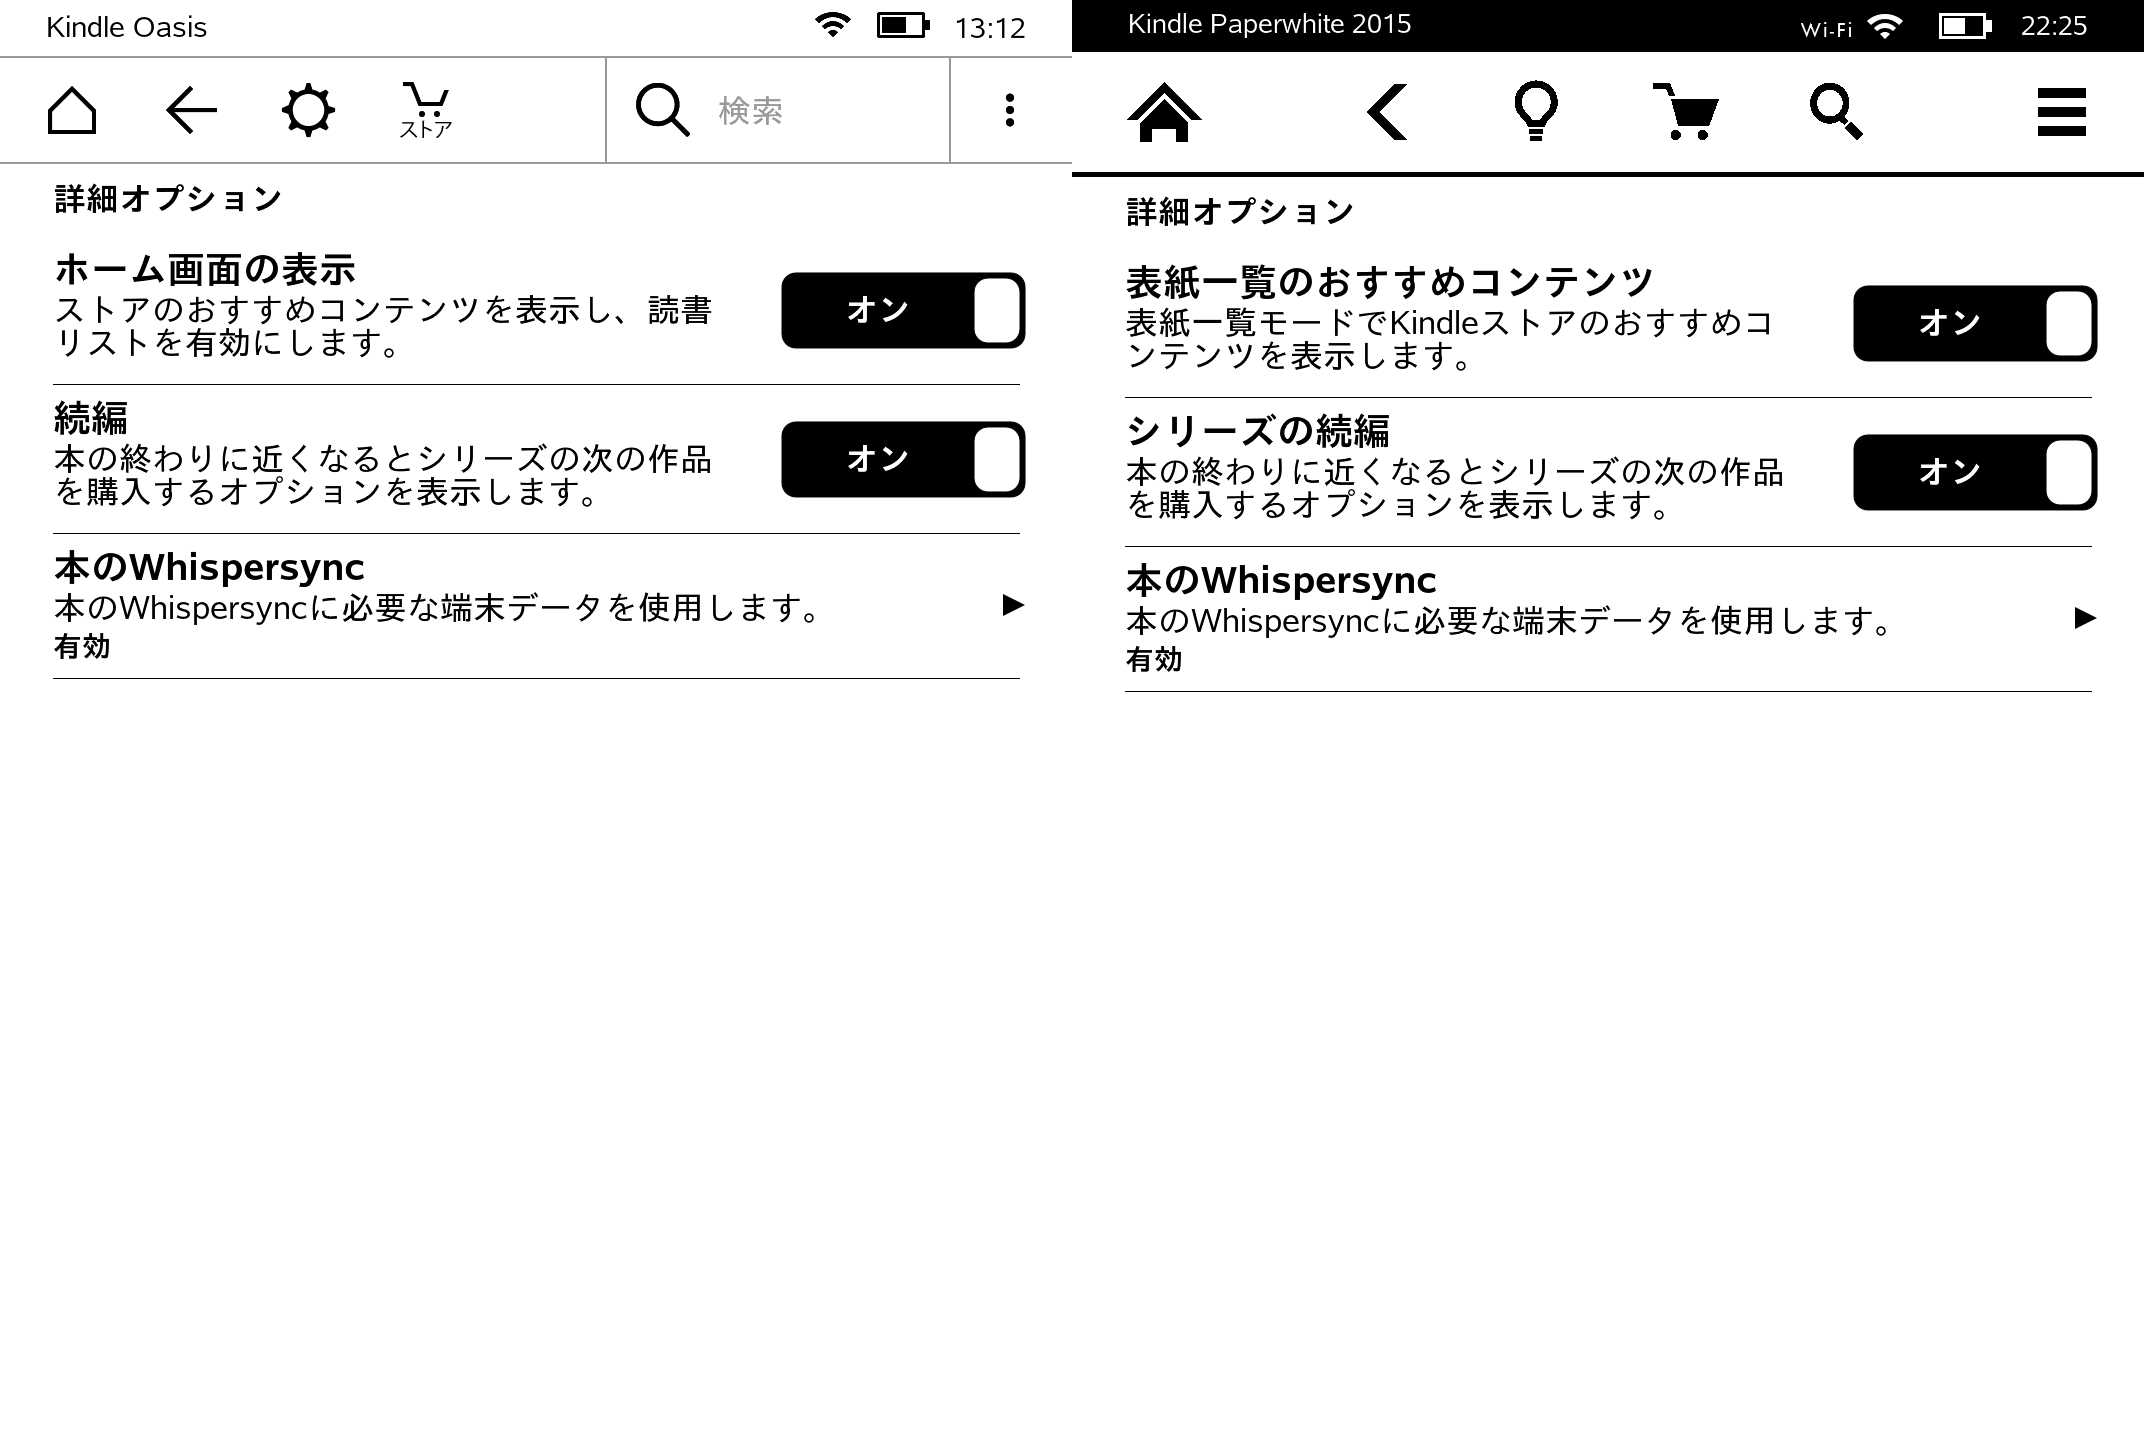 詳細オプションの「ホーム画面の表示」をオフにすると、おすすめやサンプルが非表示になり、従来と同じホーム画面がトップに表示されるようになる